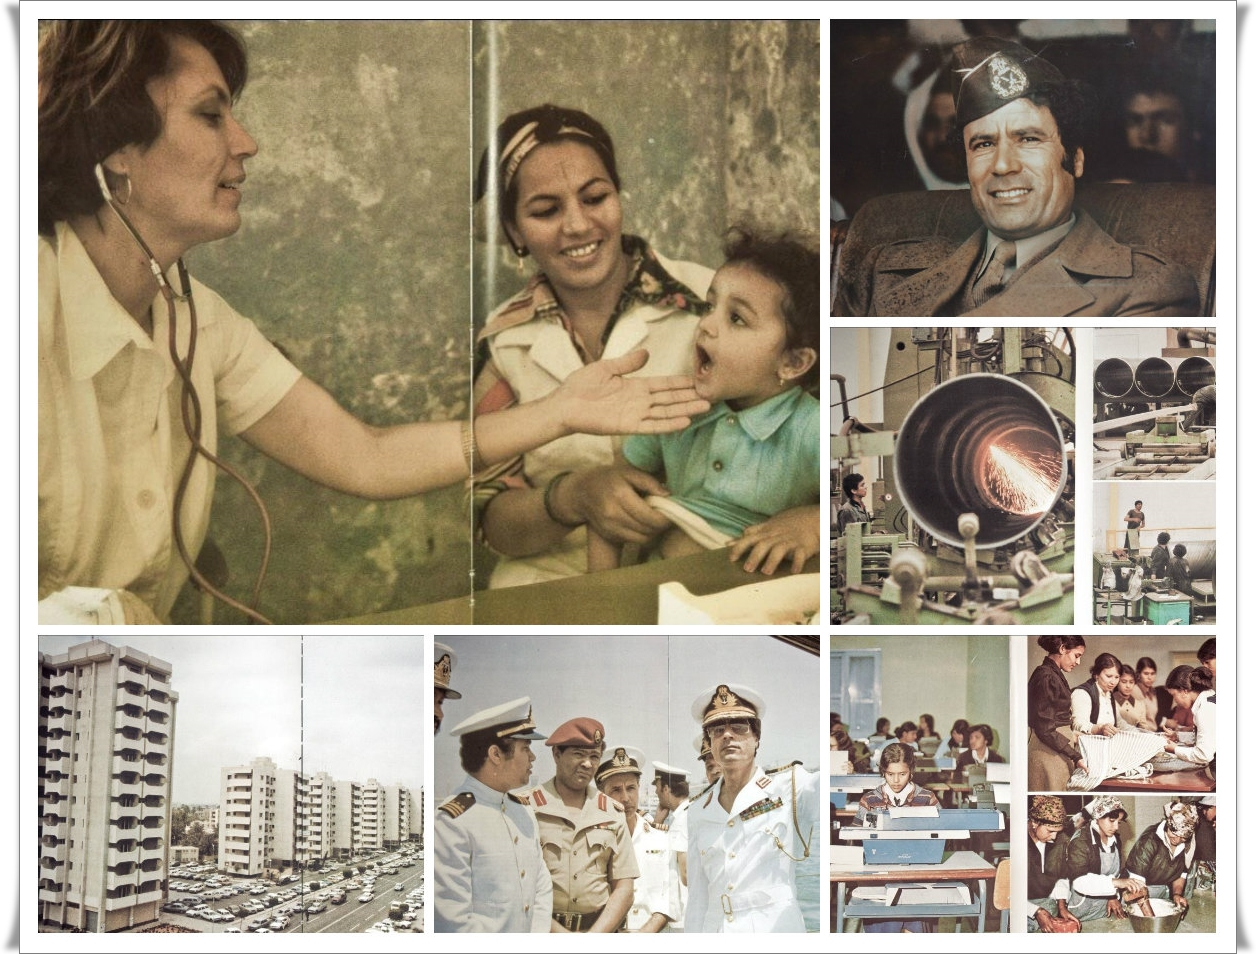 76 лет назад родился ливийский вождь. Какой была Ливия при Муаммаре Каддафи (альбом)